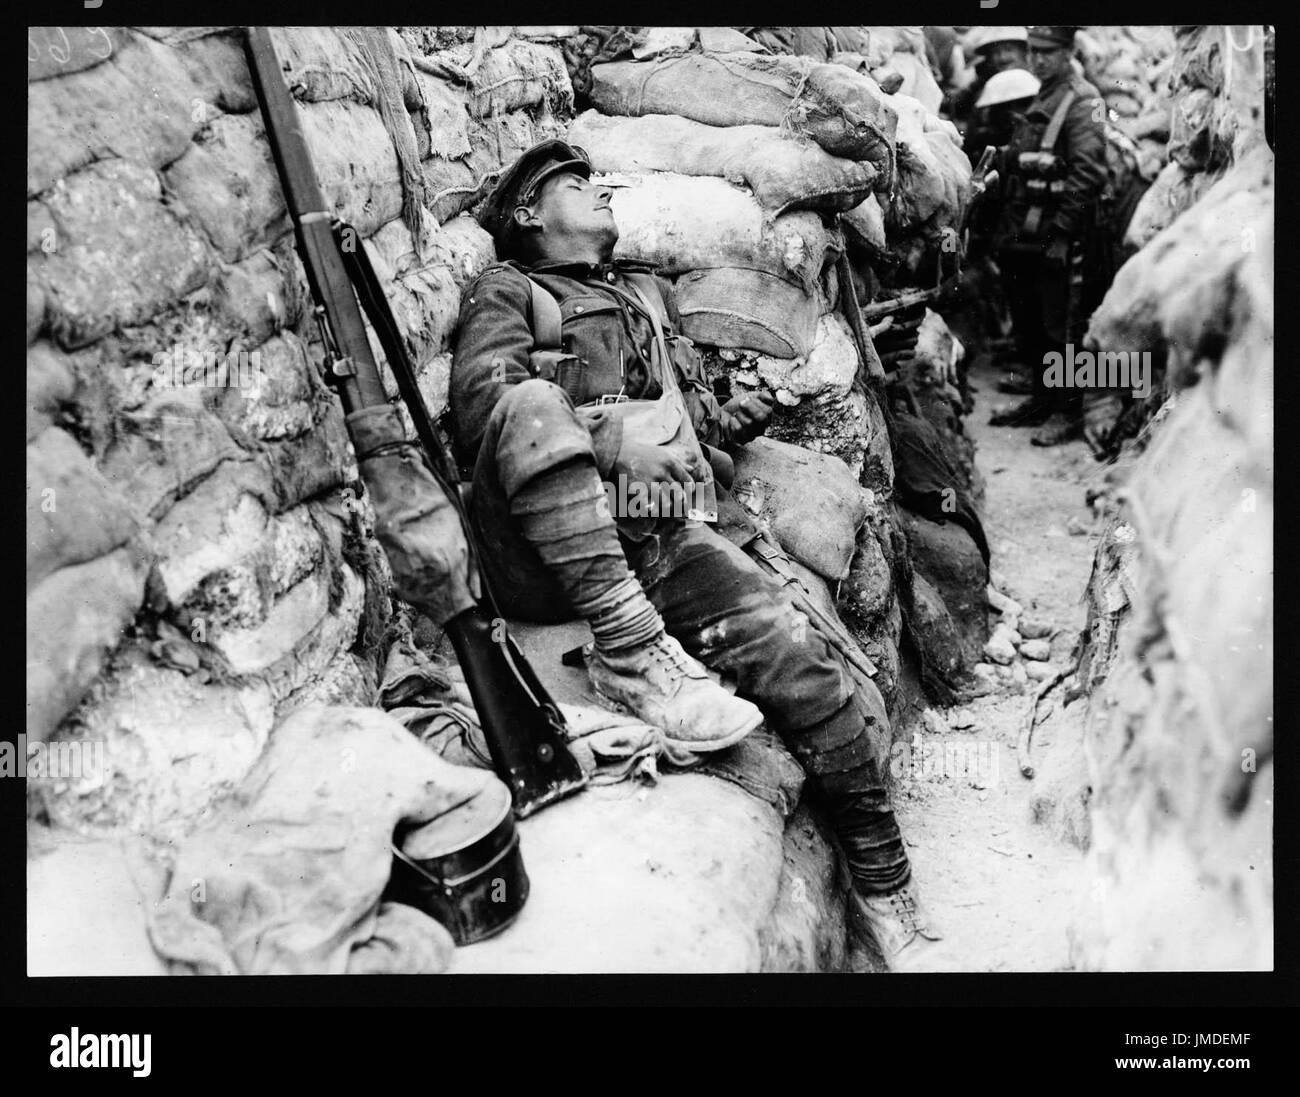 Camarades du soldat l'observant qu'il dort, Thievpal, France, au cours de la Première Guerre mondiale Photo Stock